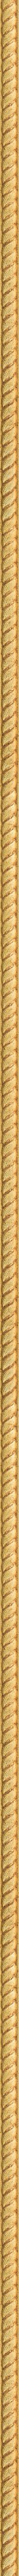 Carved thin gold leaf frame frame